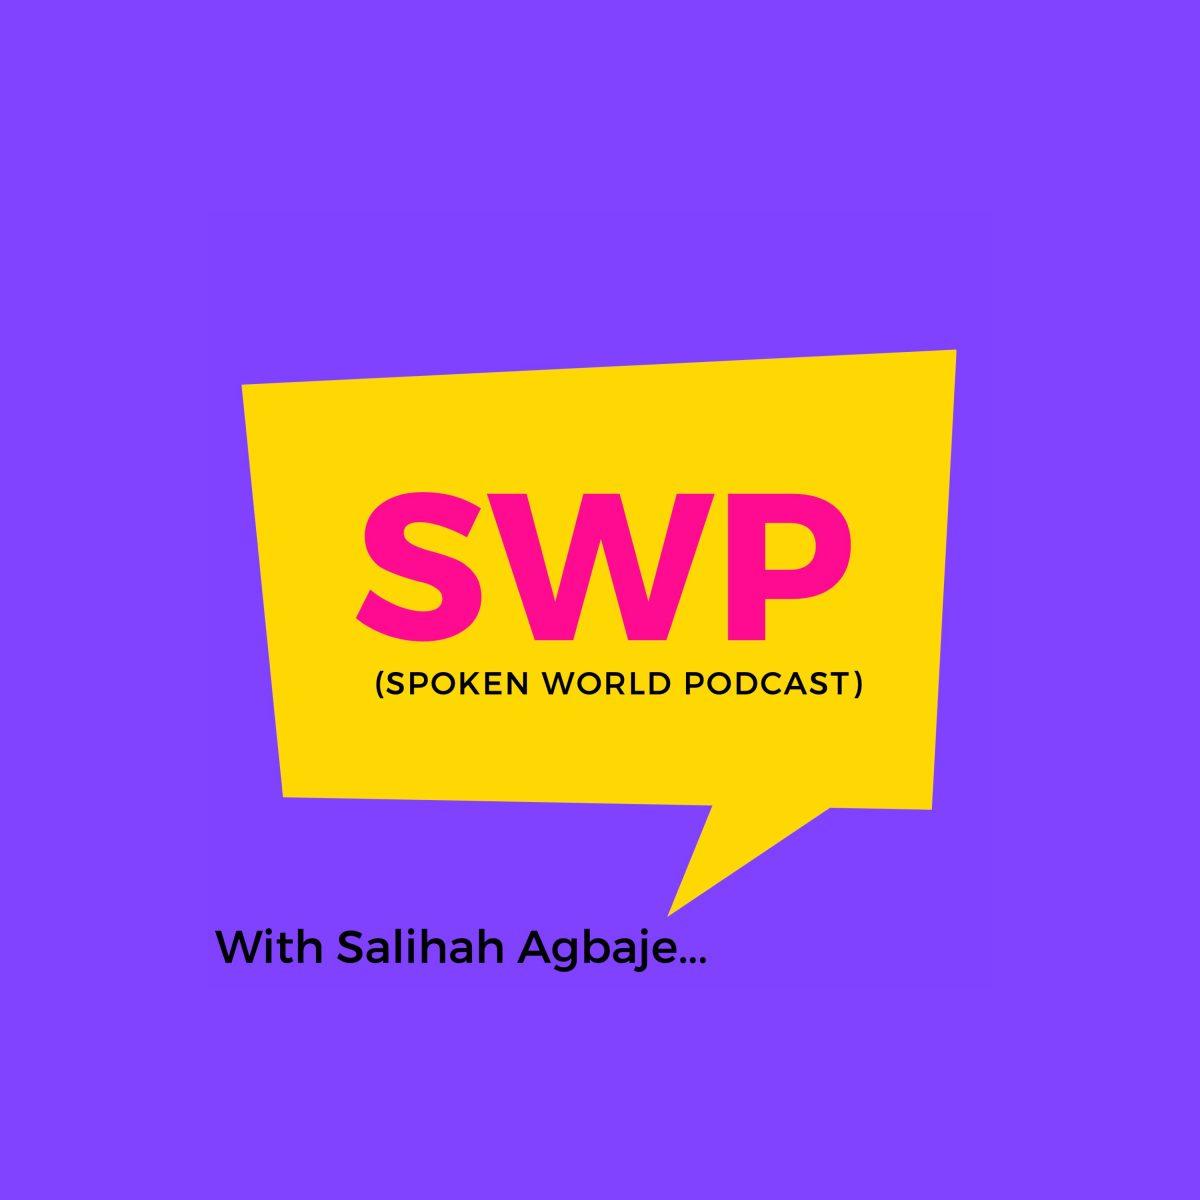 Spoken World Podcast